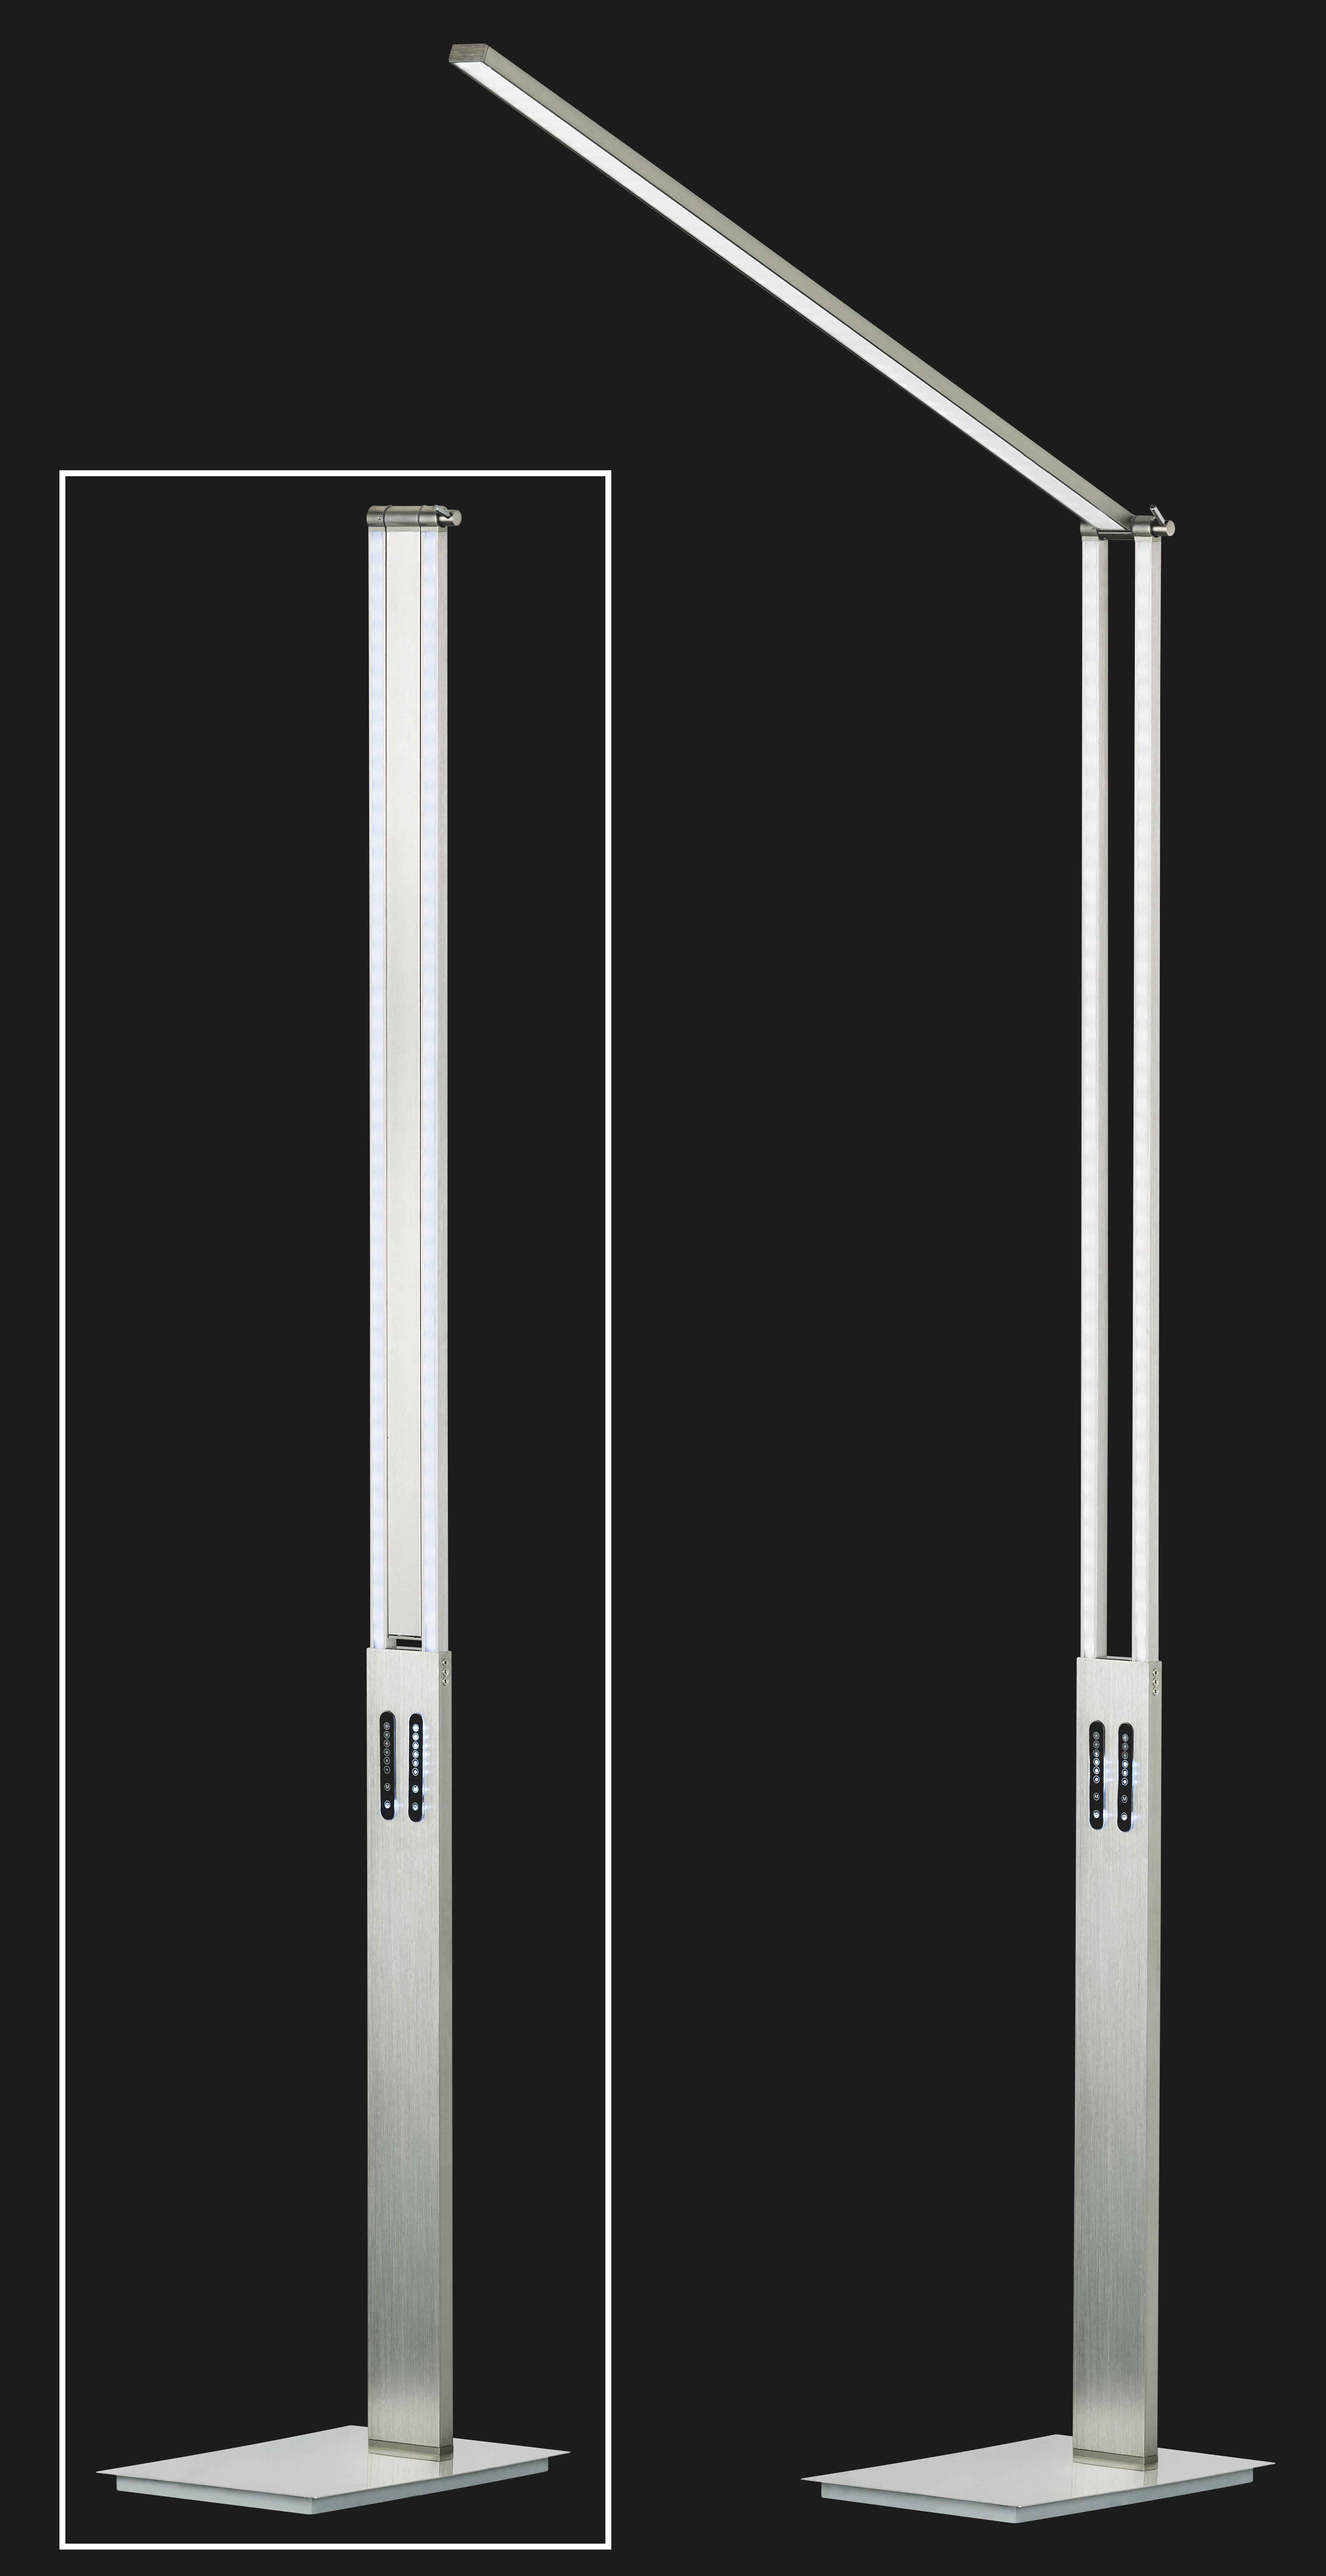 LED-STEHLEUCHTE - Nickelfarben, Design, Metall (180cm)